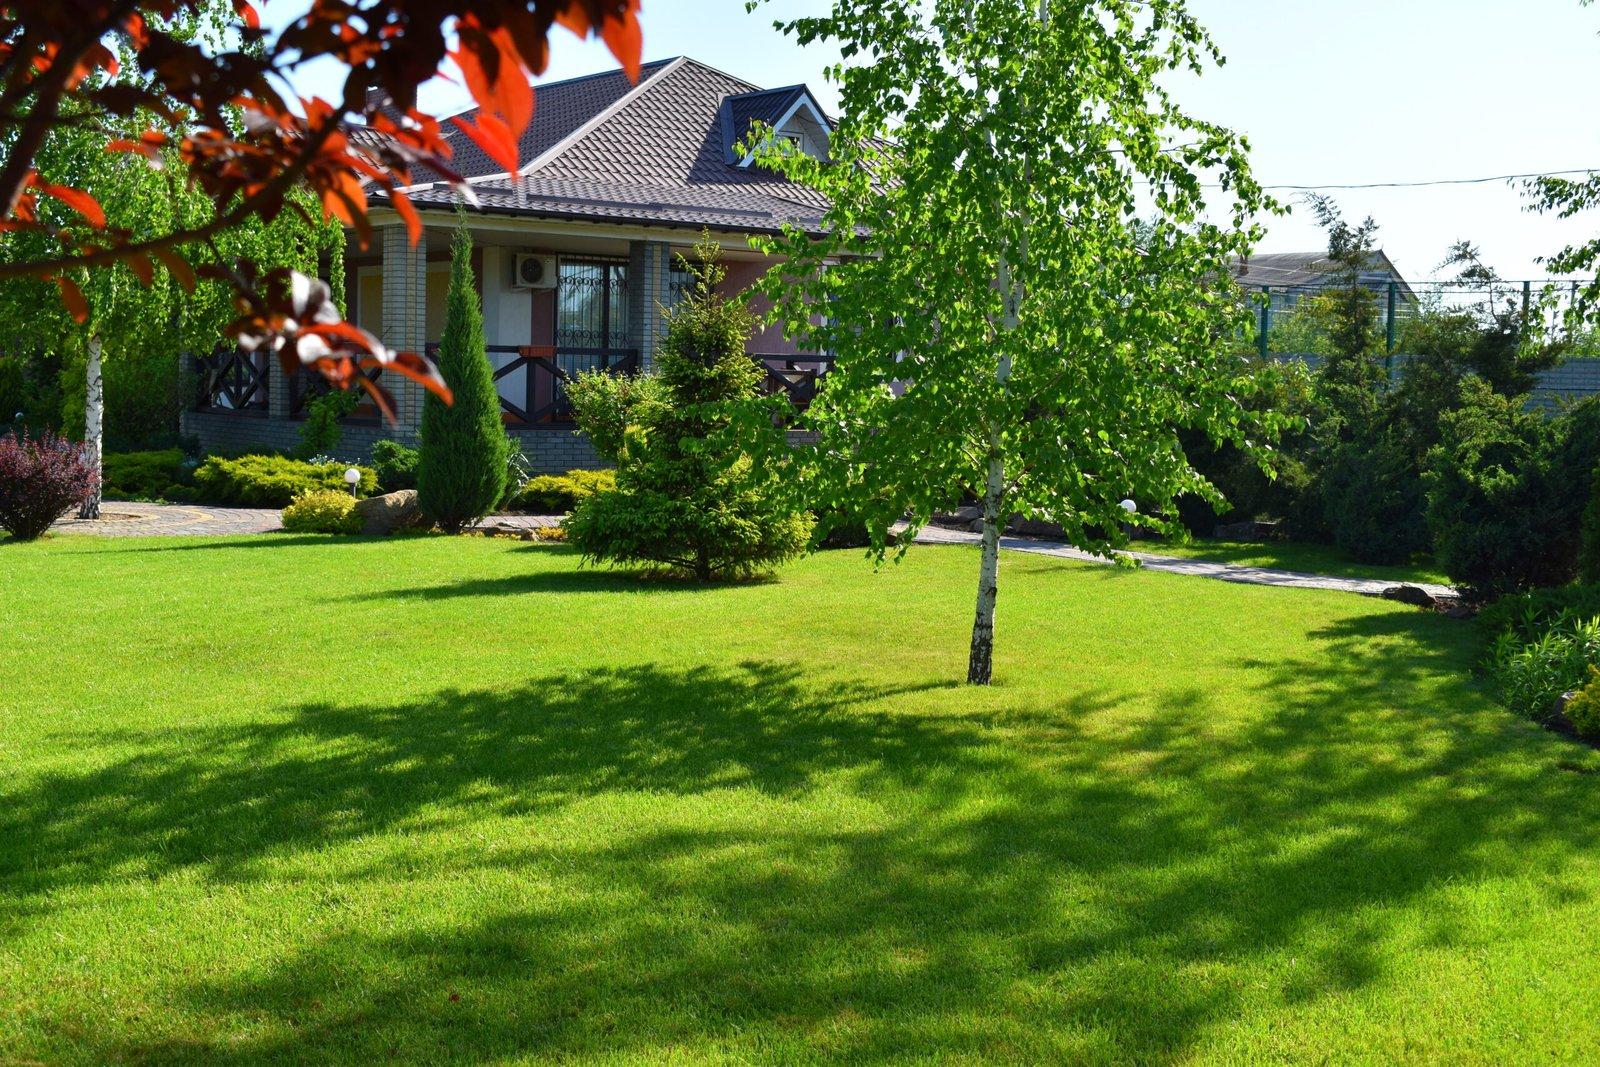 Газон для сада в Киеве, газон в саду в Киеве, газон сад Киев